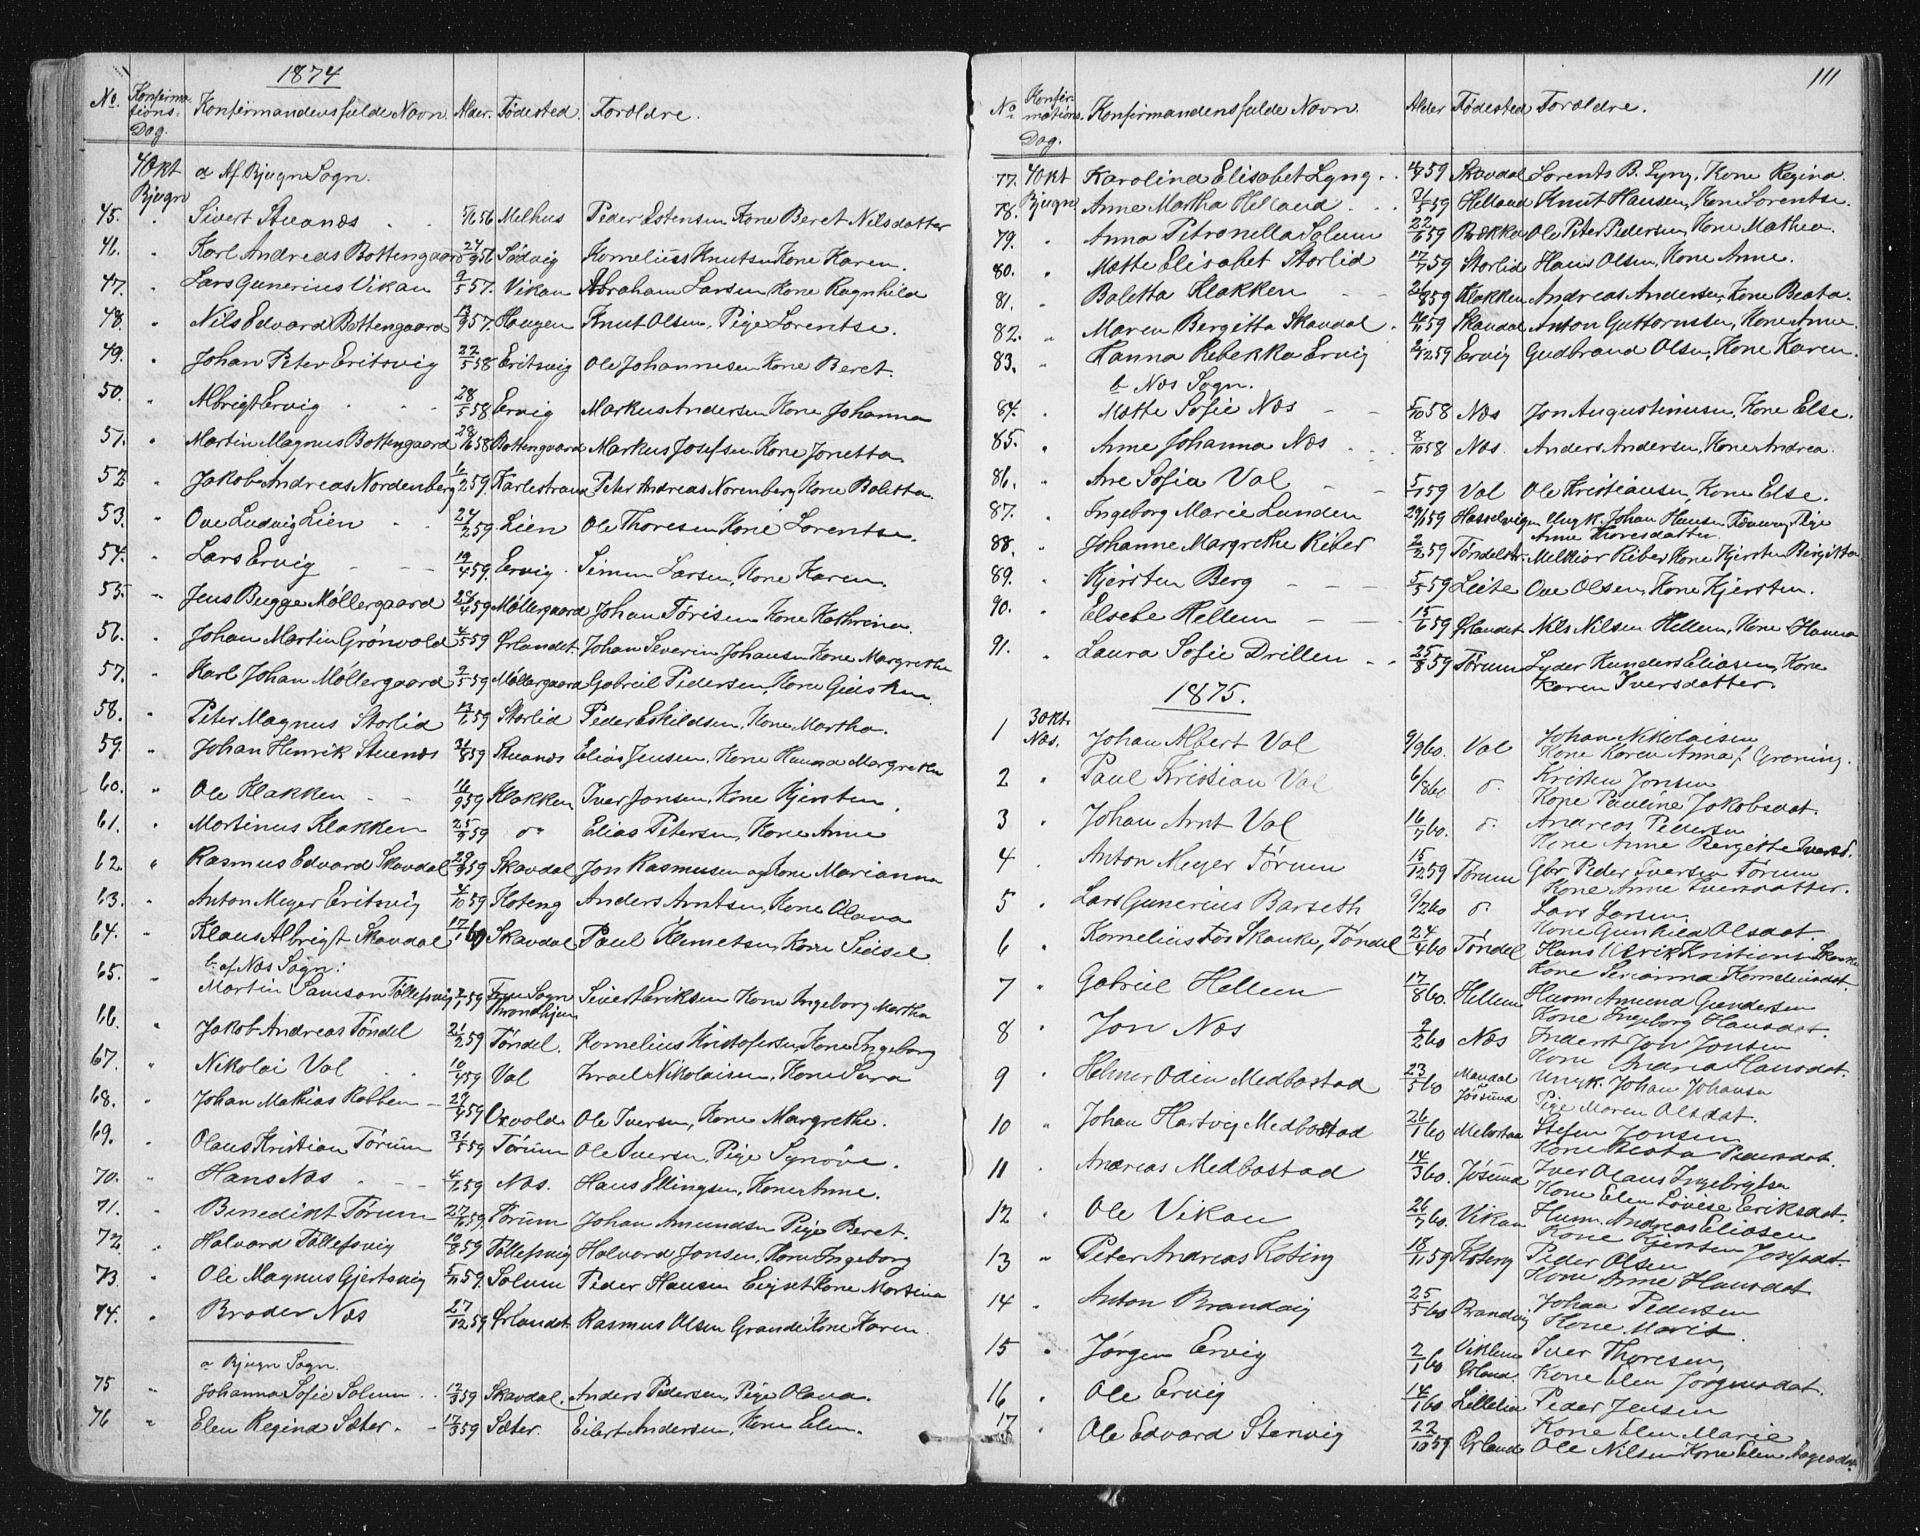 SAT, Ministerialprotokoller, klokkerbøker og fødselsregistre - Sør-Trøndelag, 651/L0647: Klokkerbok nr. 651C01, 1866-1914, s. 111